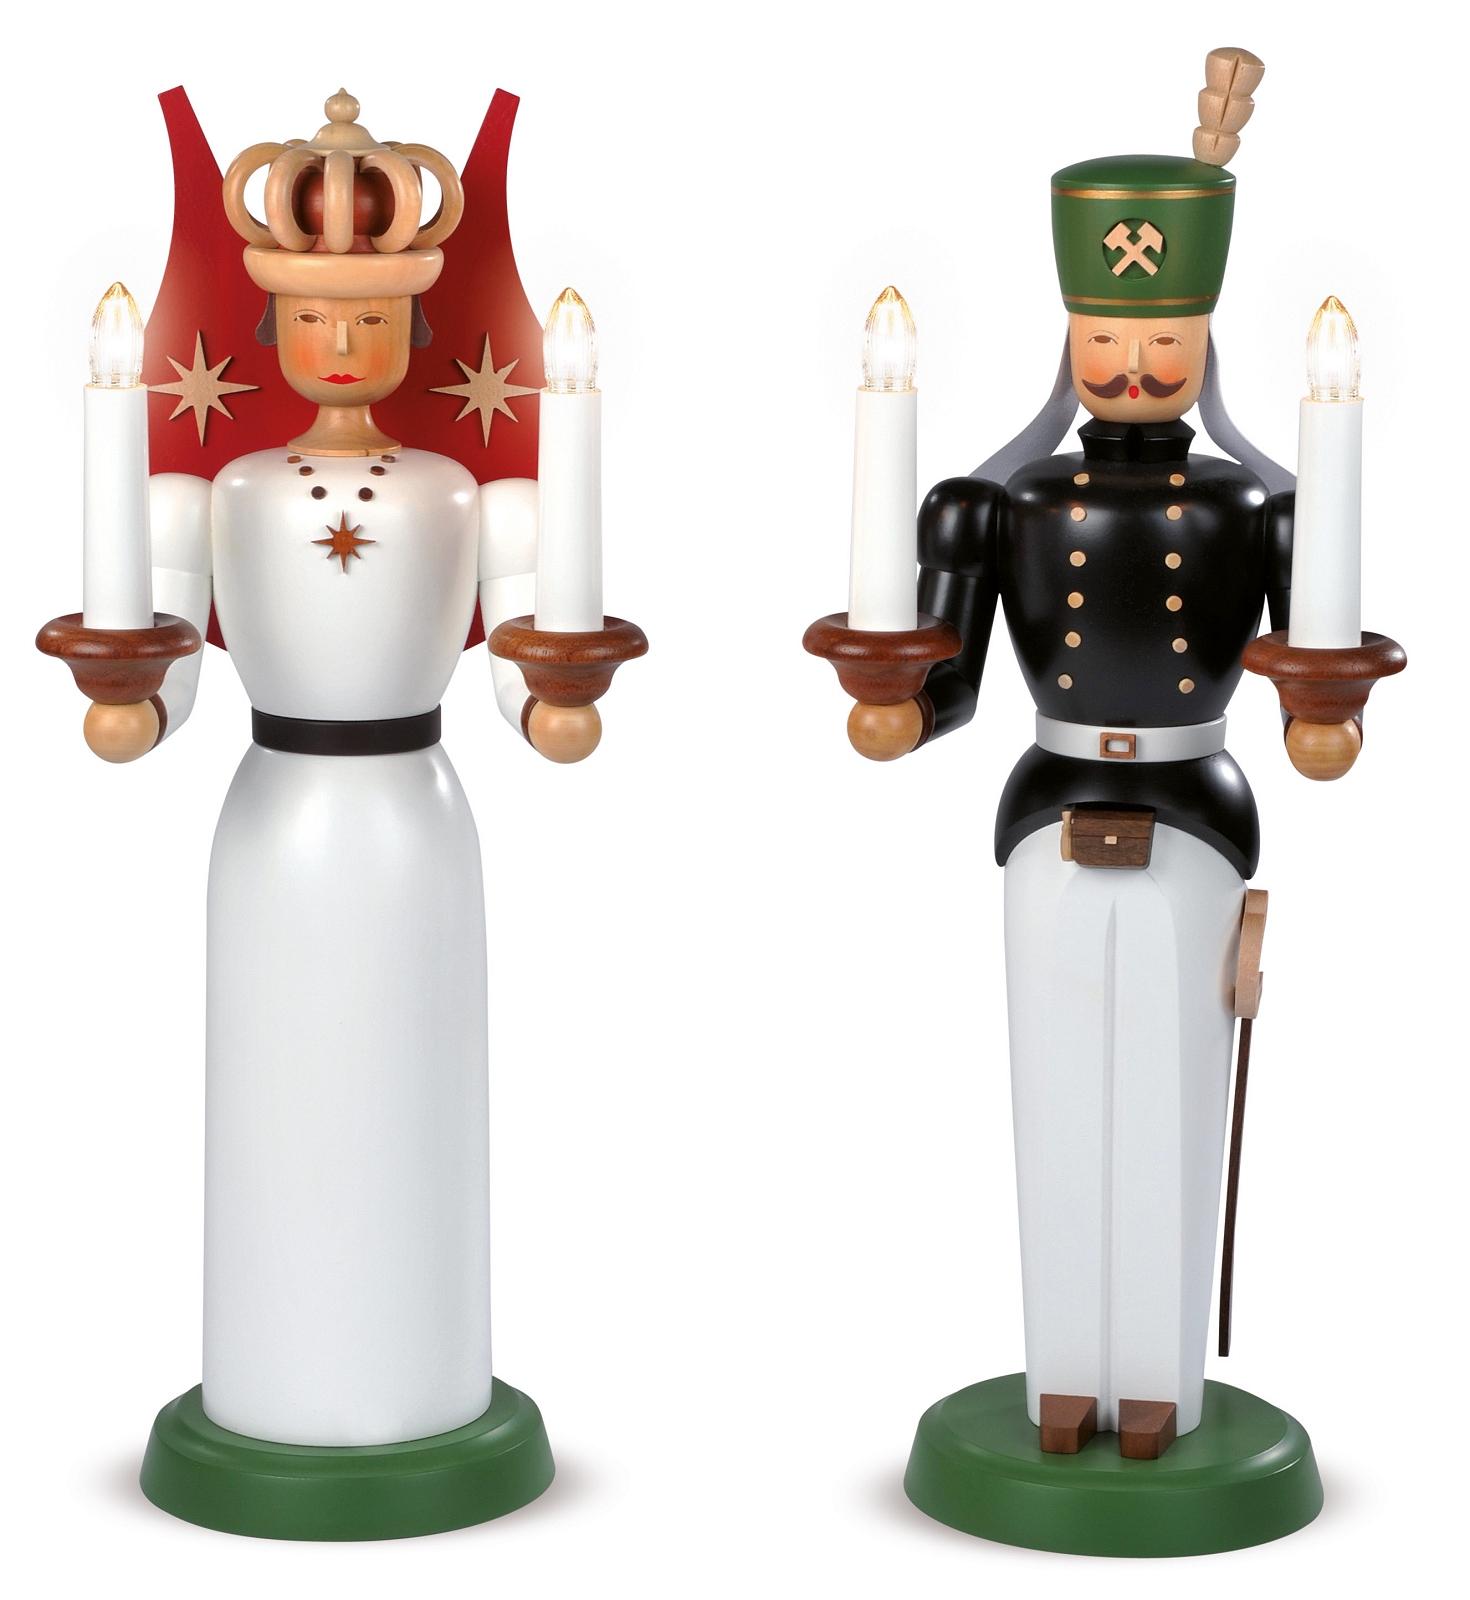 Engel und Bergmann Figuren, groß, farbig